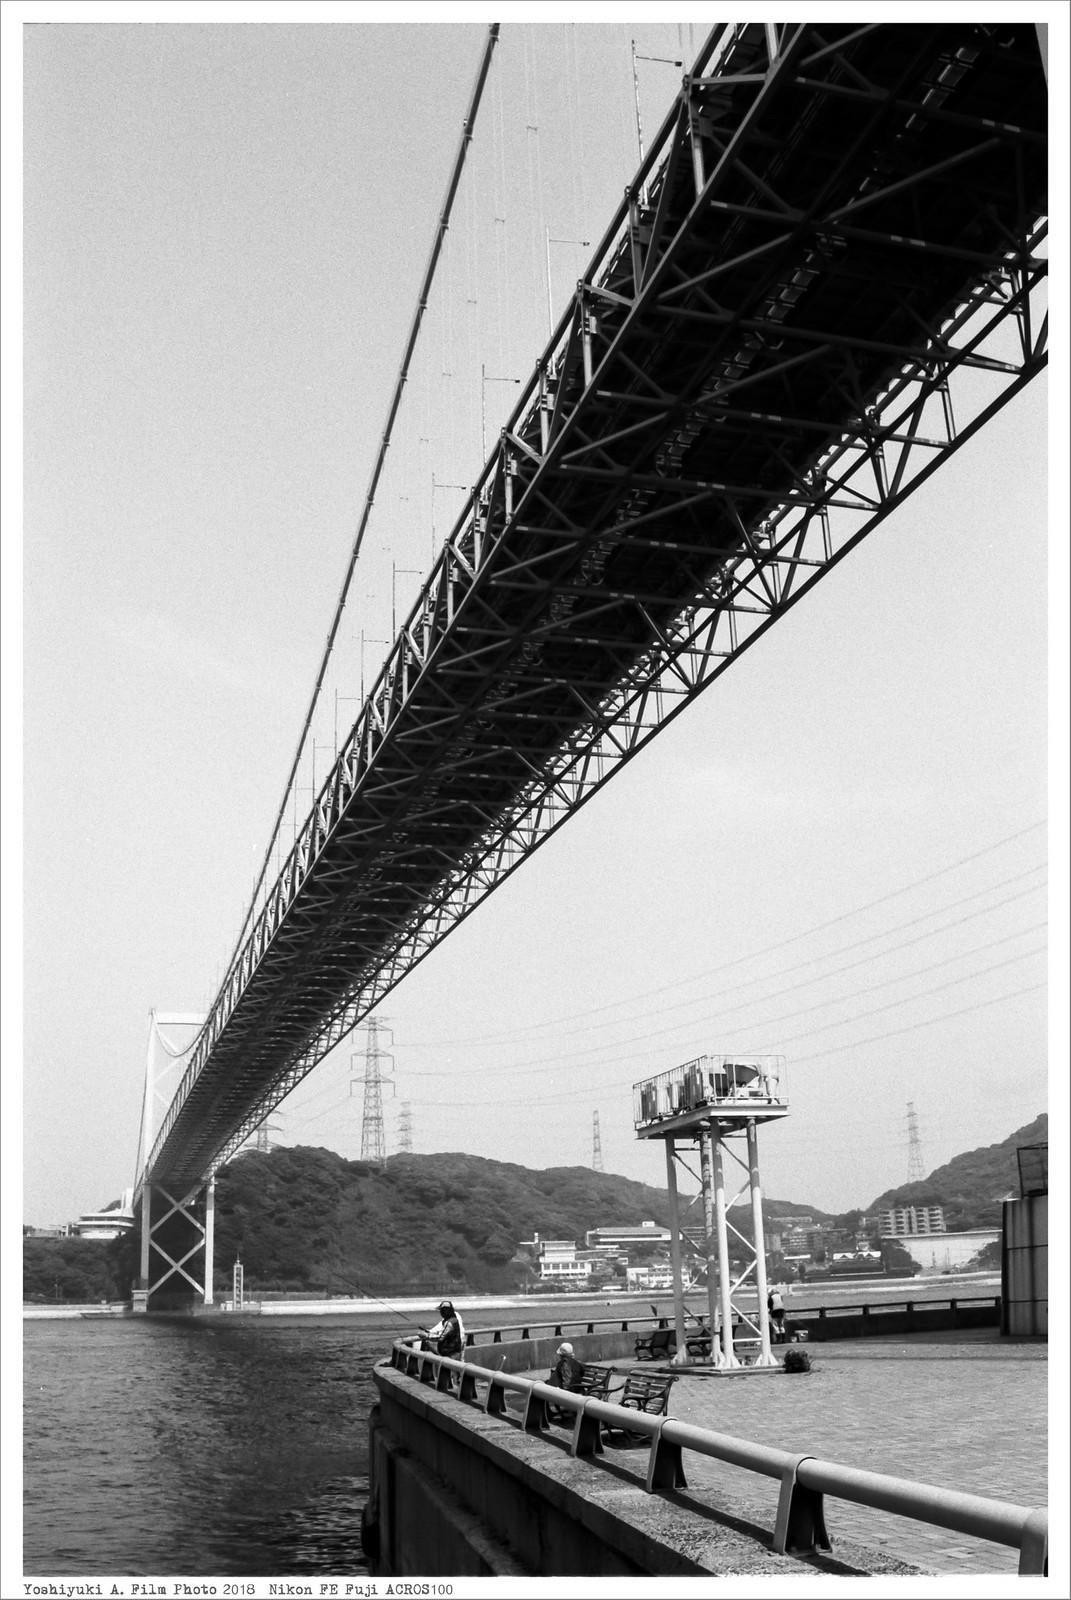 北九州市門司区門司 Nikon_FE_Fuji_Acros100__22